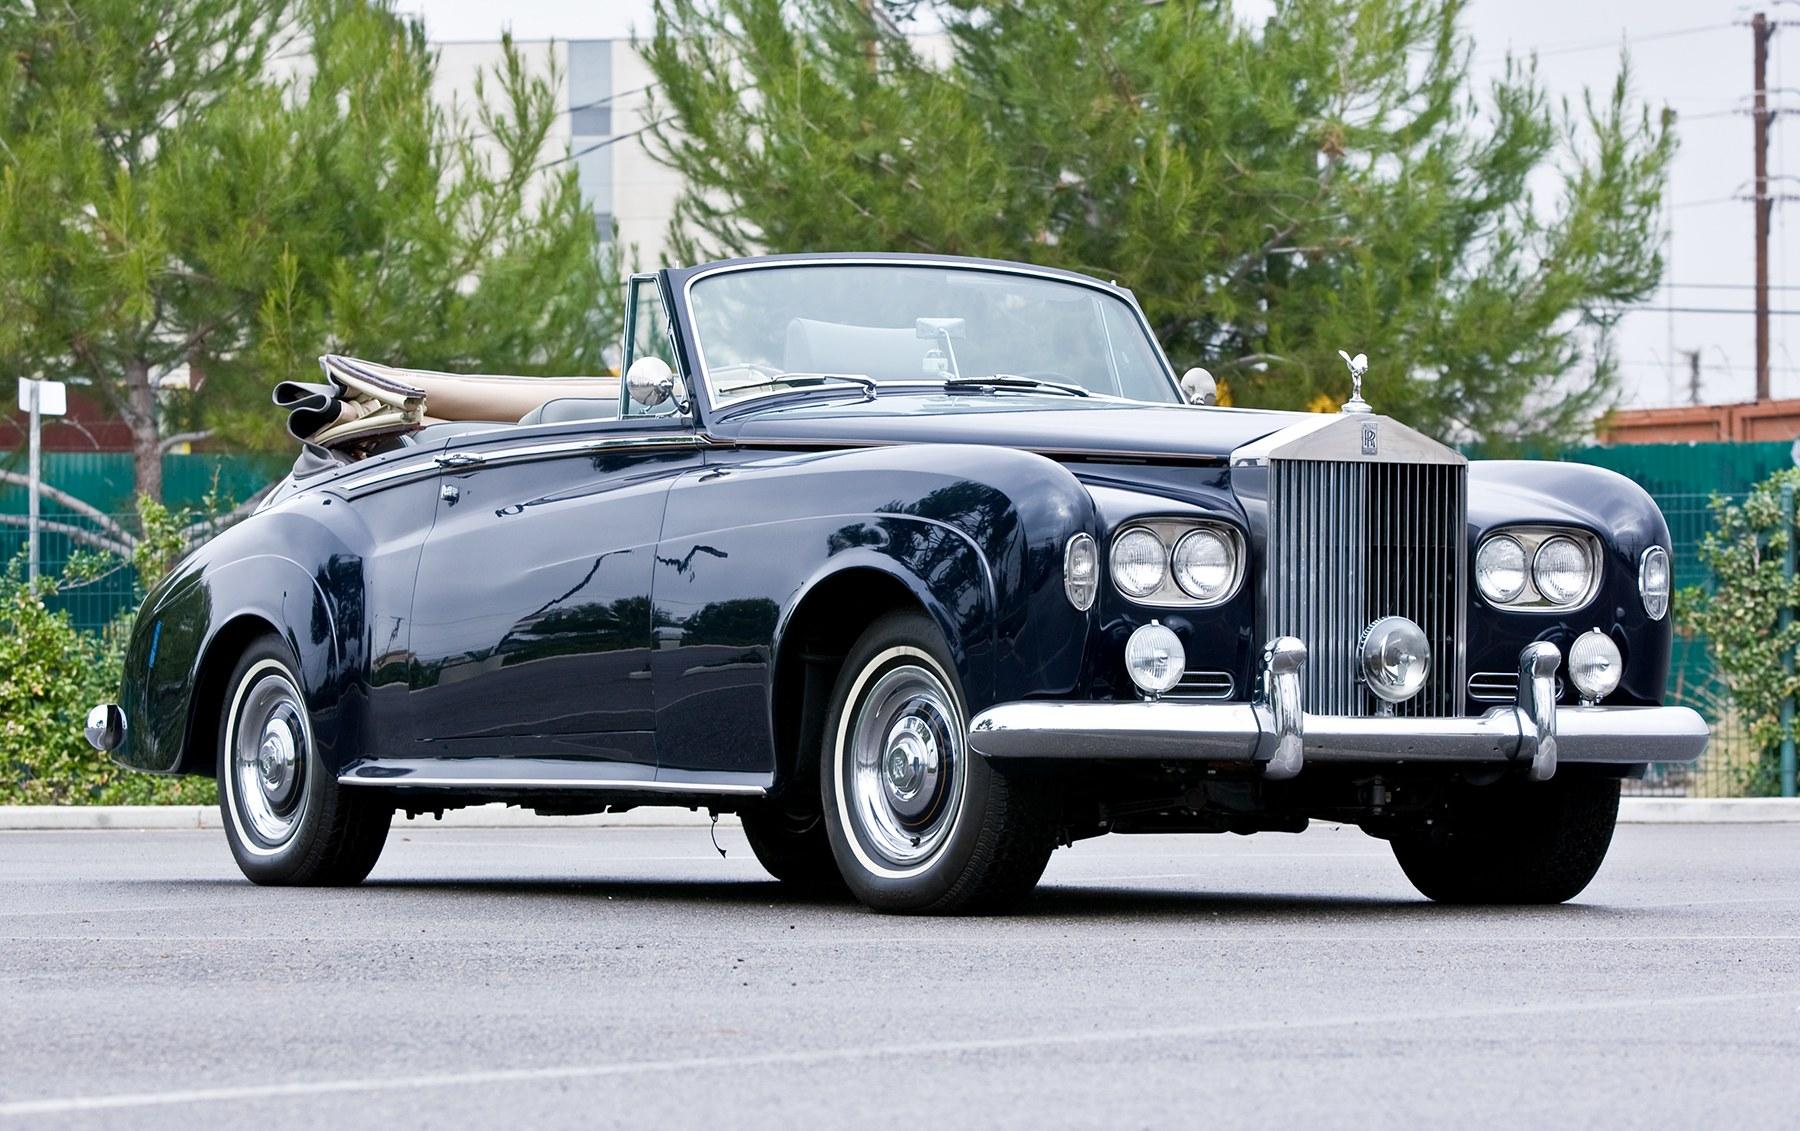 1963 Rolls-Royce Silver Cloud III Drop Head Coupe (1)